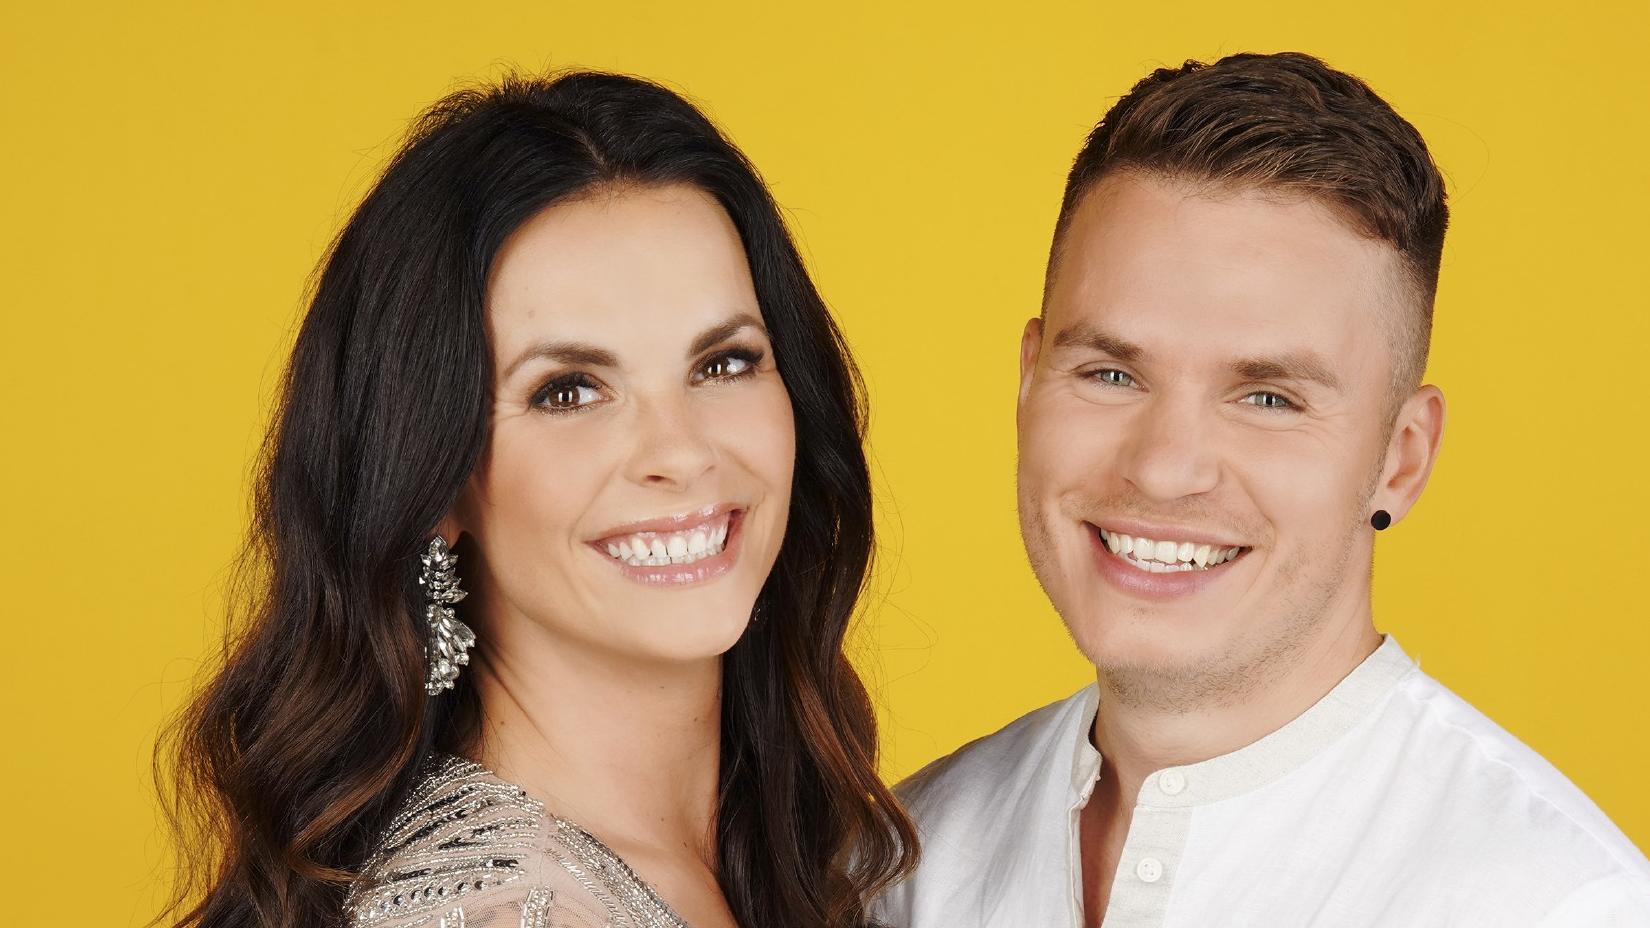 Denise Kappés und Henning Merten verraten Fans ihr Hochzeitsdatum